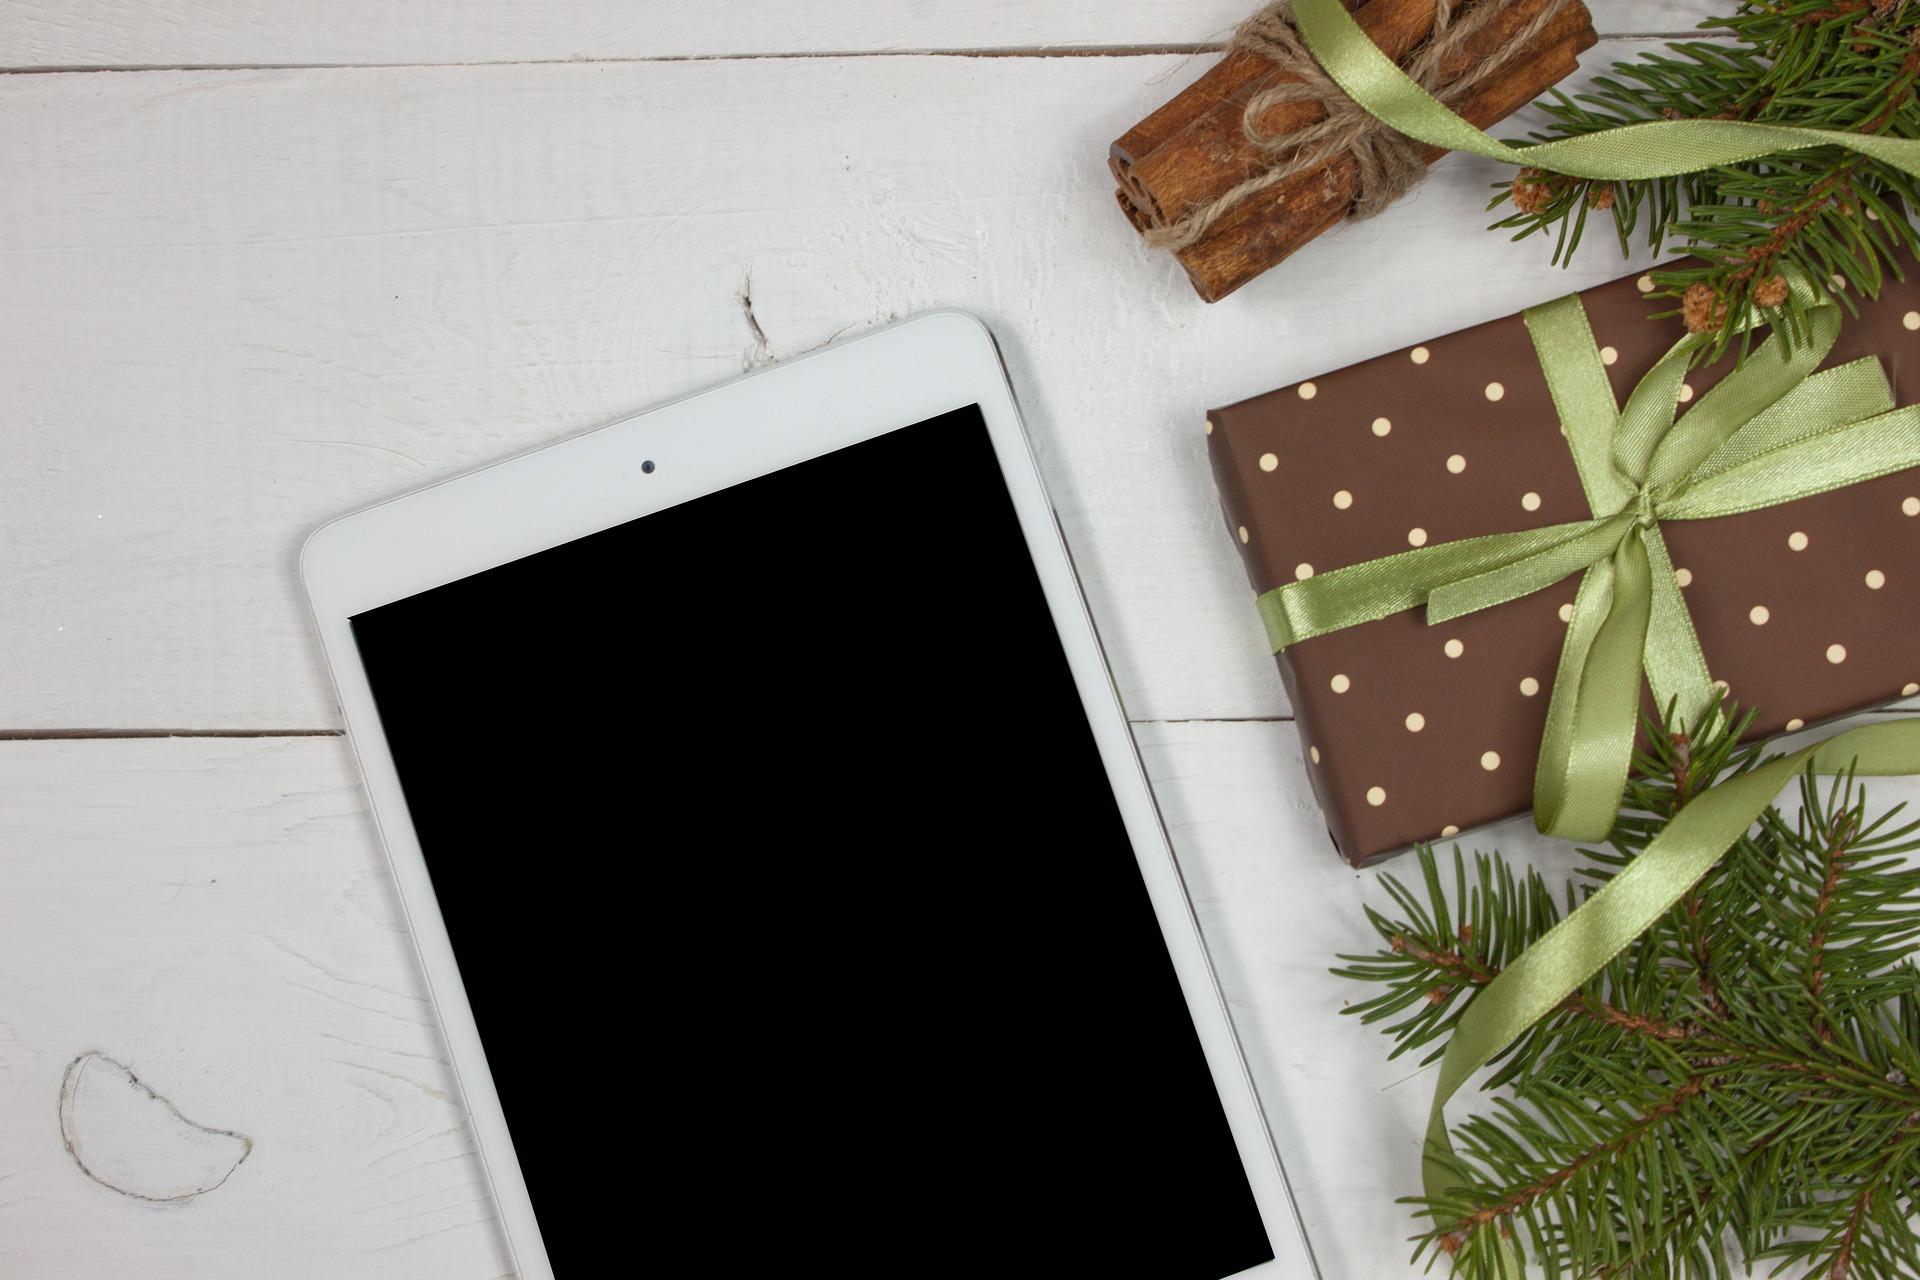 iPad Pro 10.5インチの生産が始まるよう!4月に発表されるのか。